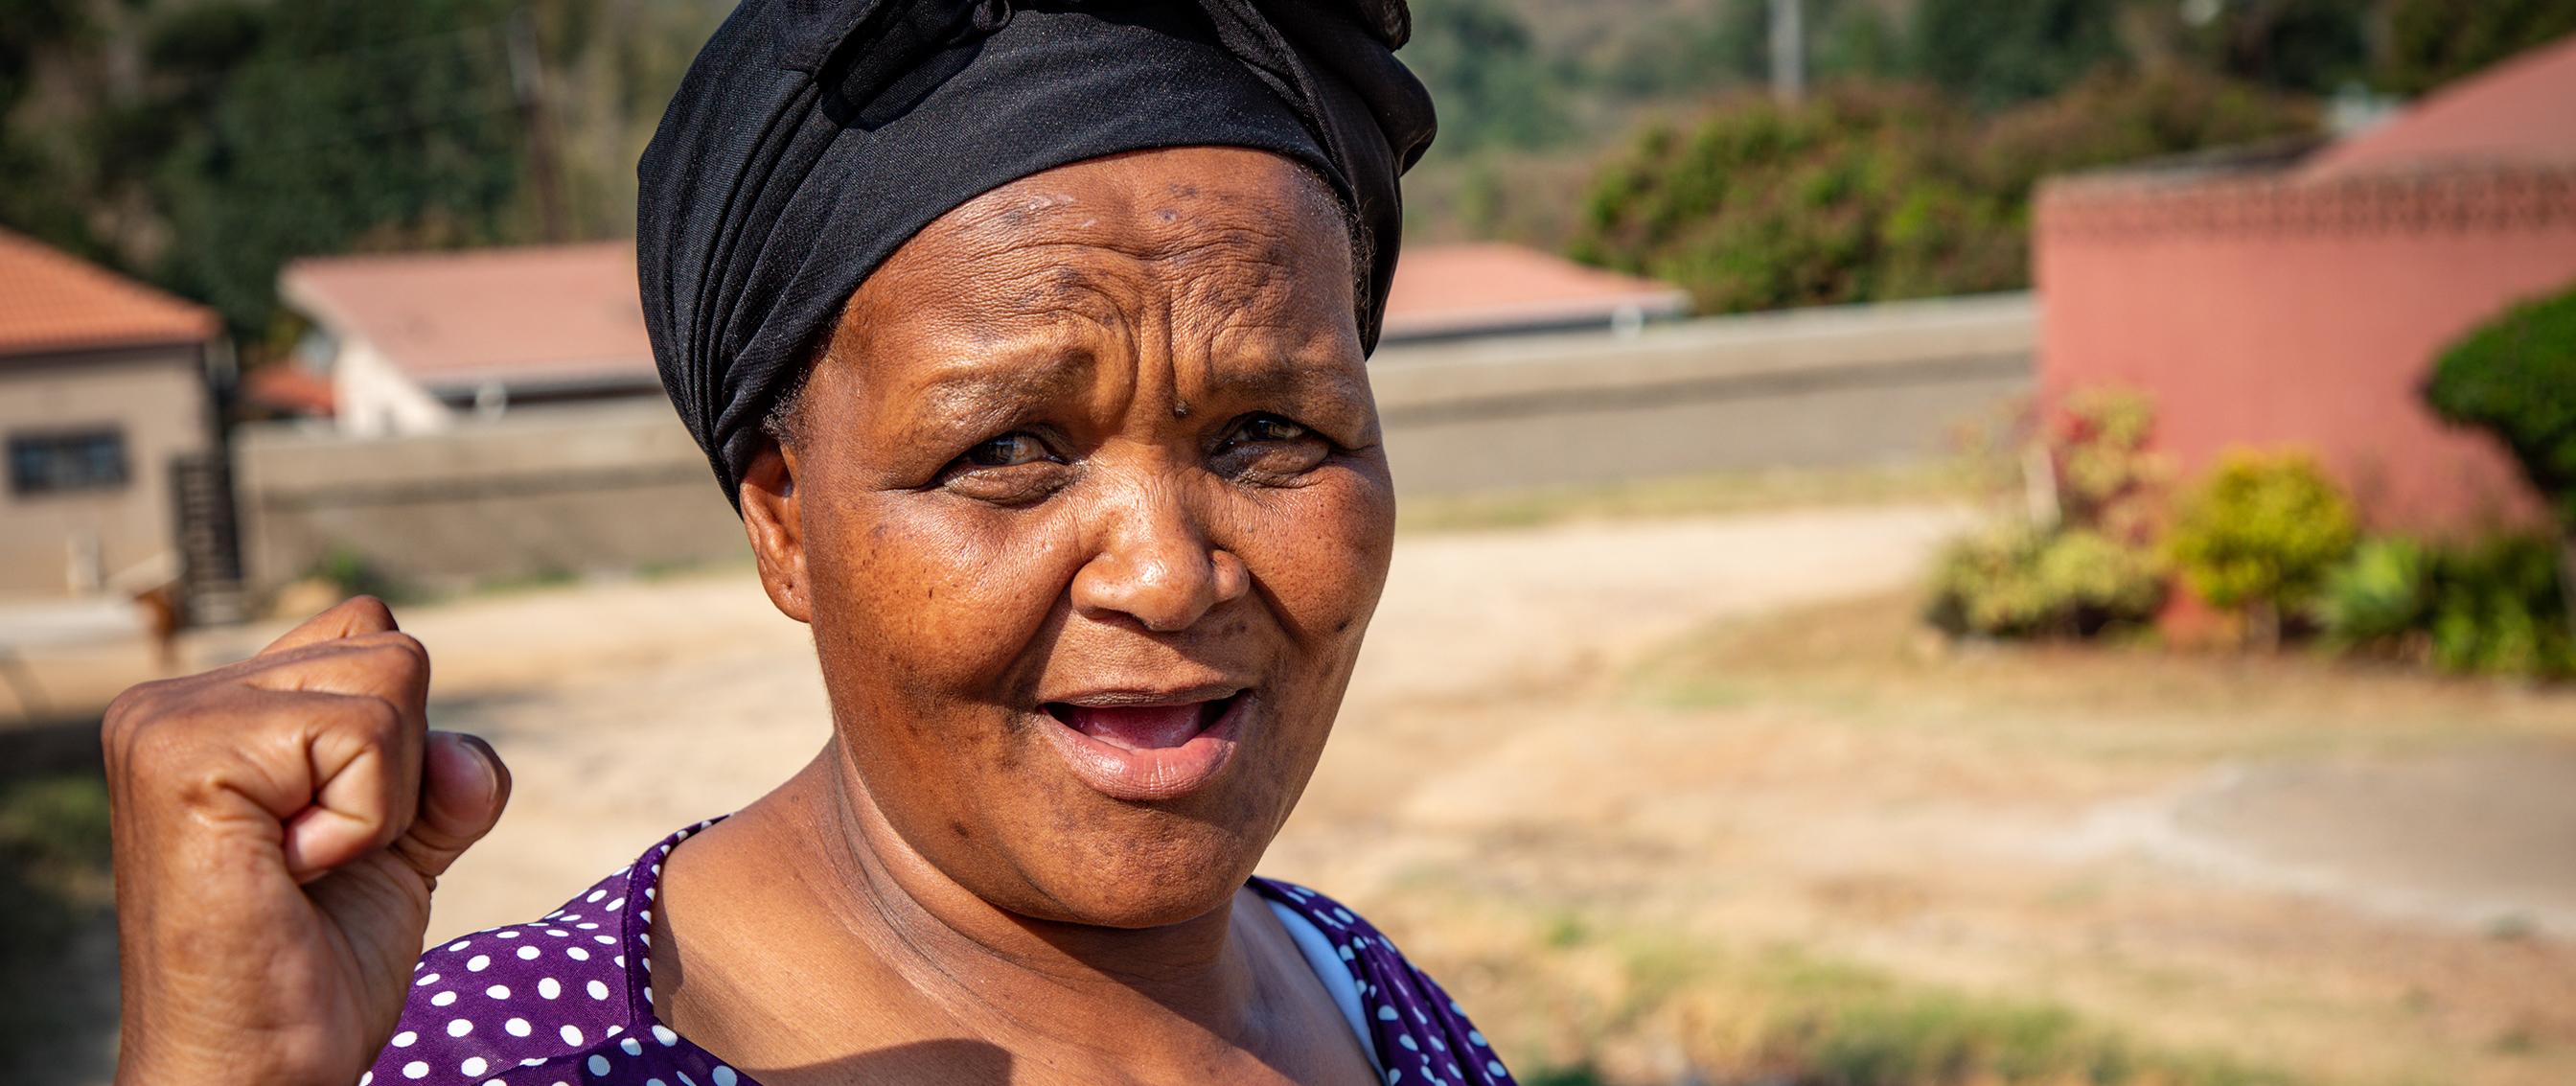 Kvinna med knuten näve